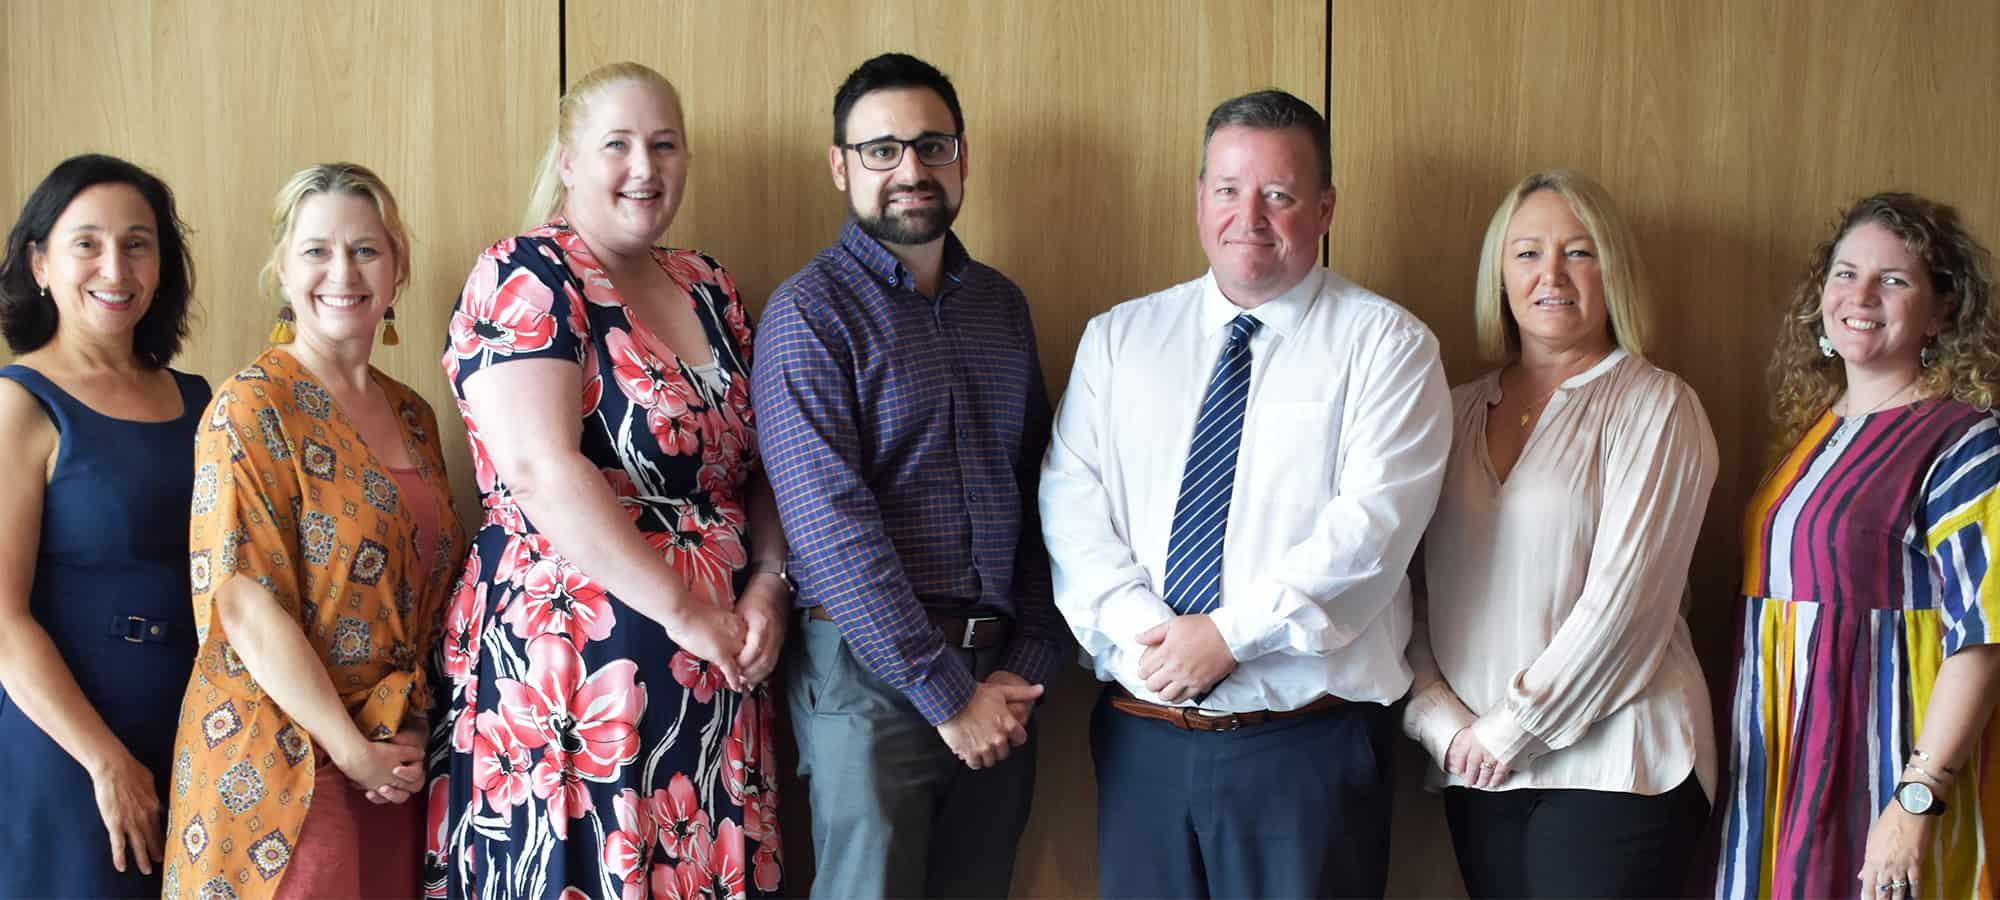 New Principal Joins the Leadership Team at MacKillop